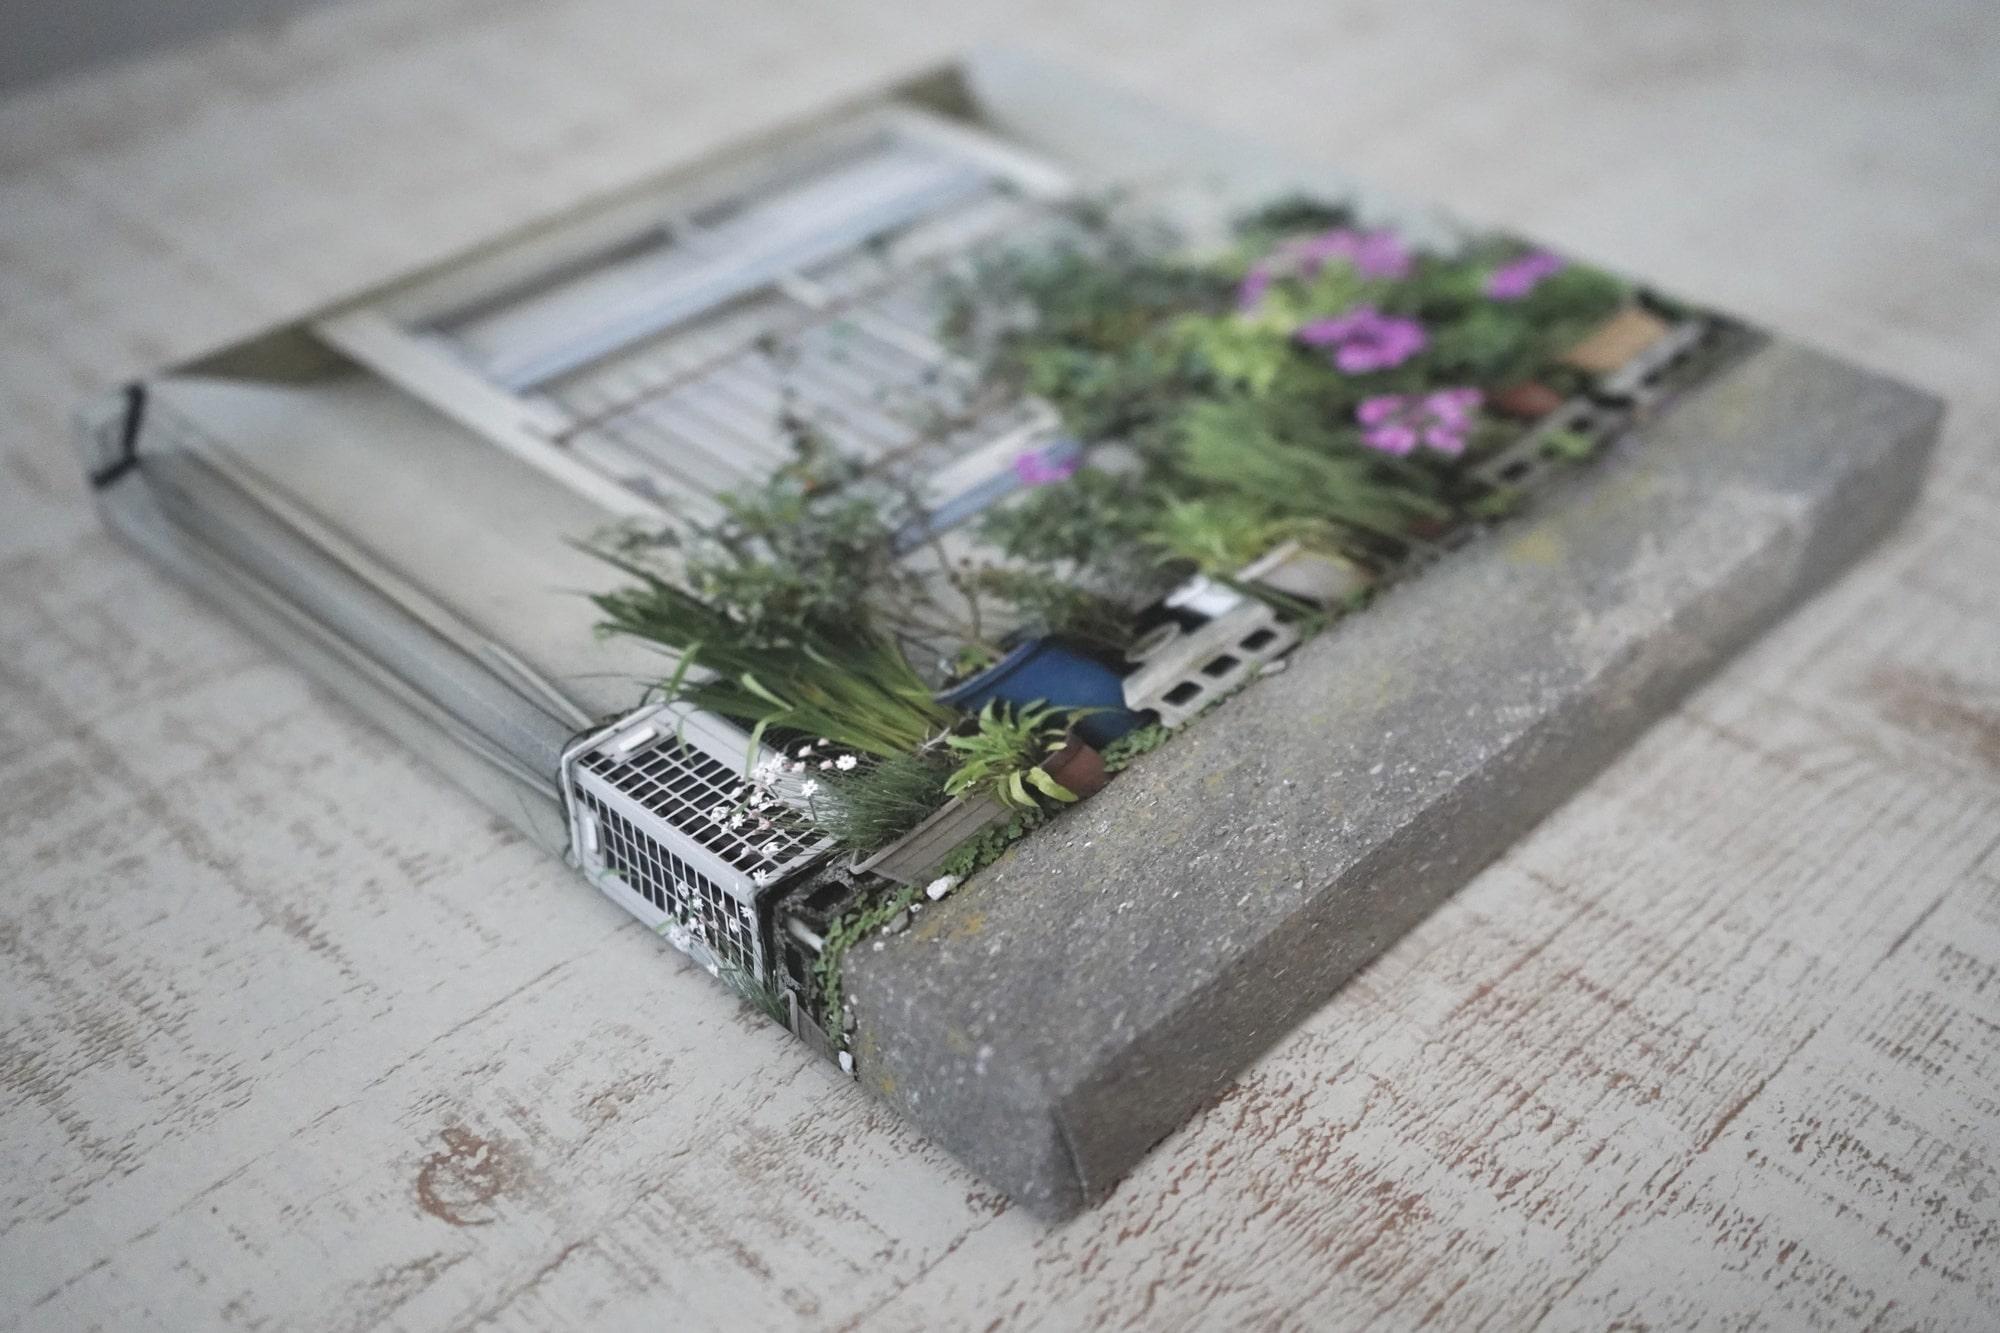 メッシュパネルは、パネル側面まで写真が覆うタイプ。